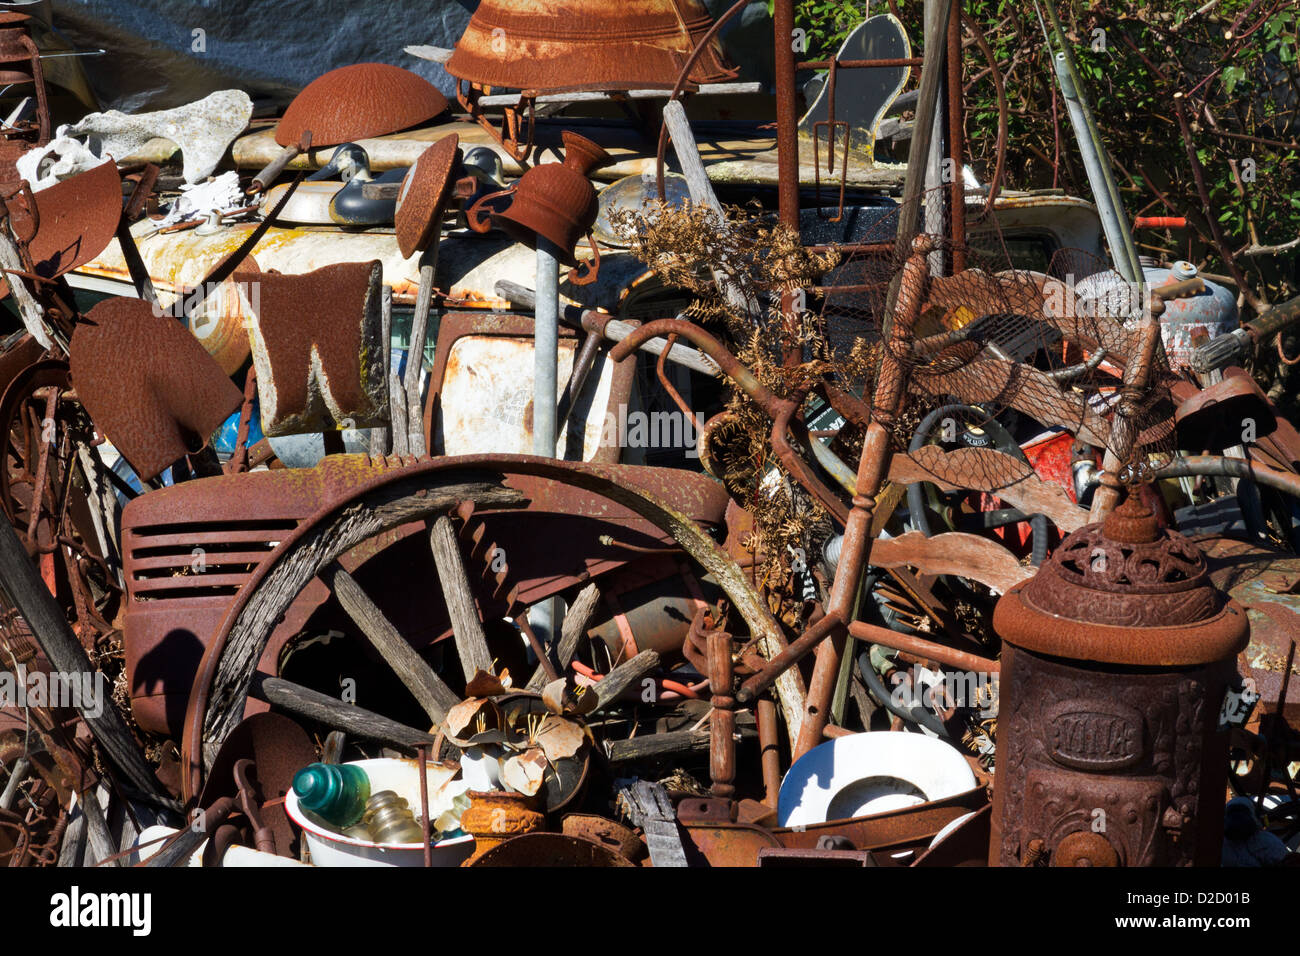 Junk Yard Art Stock Photos & Junk Yard Art Stock Images - Alamy